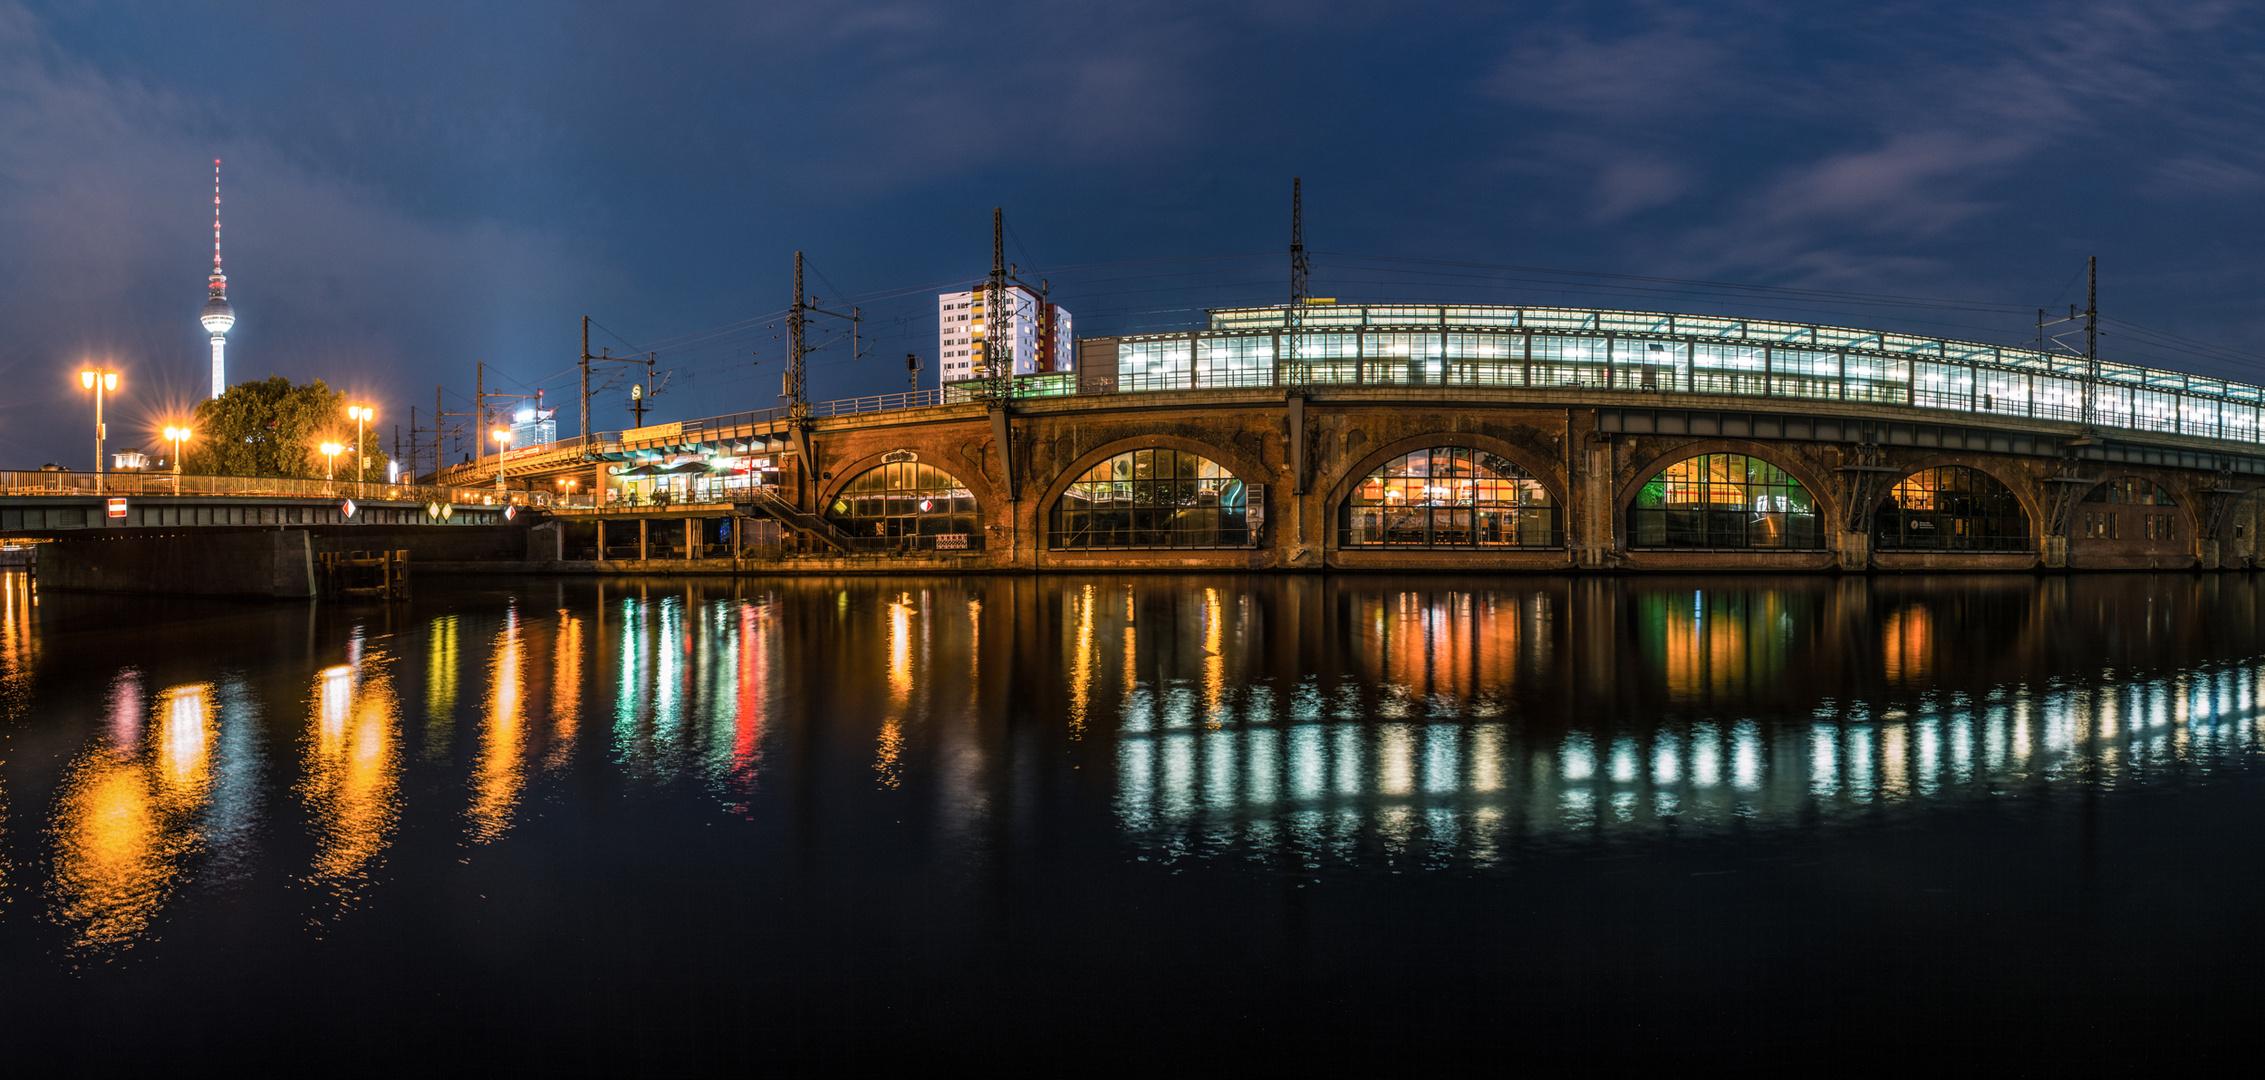 Berlin Jannowitzbrücke